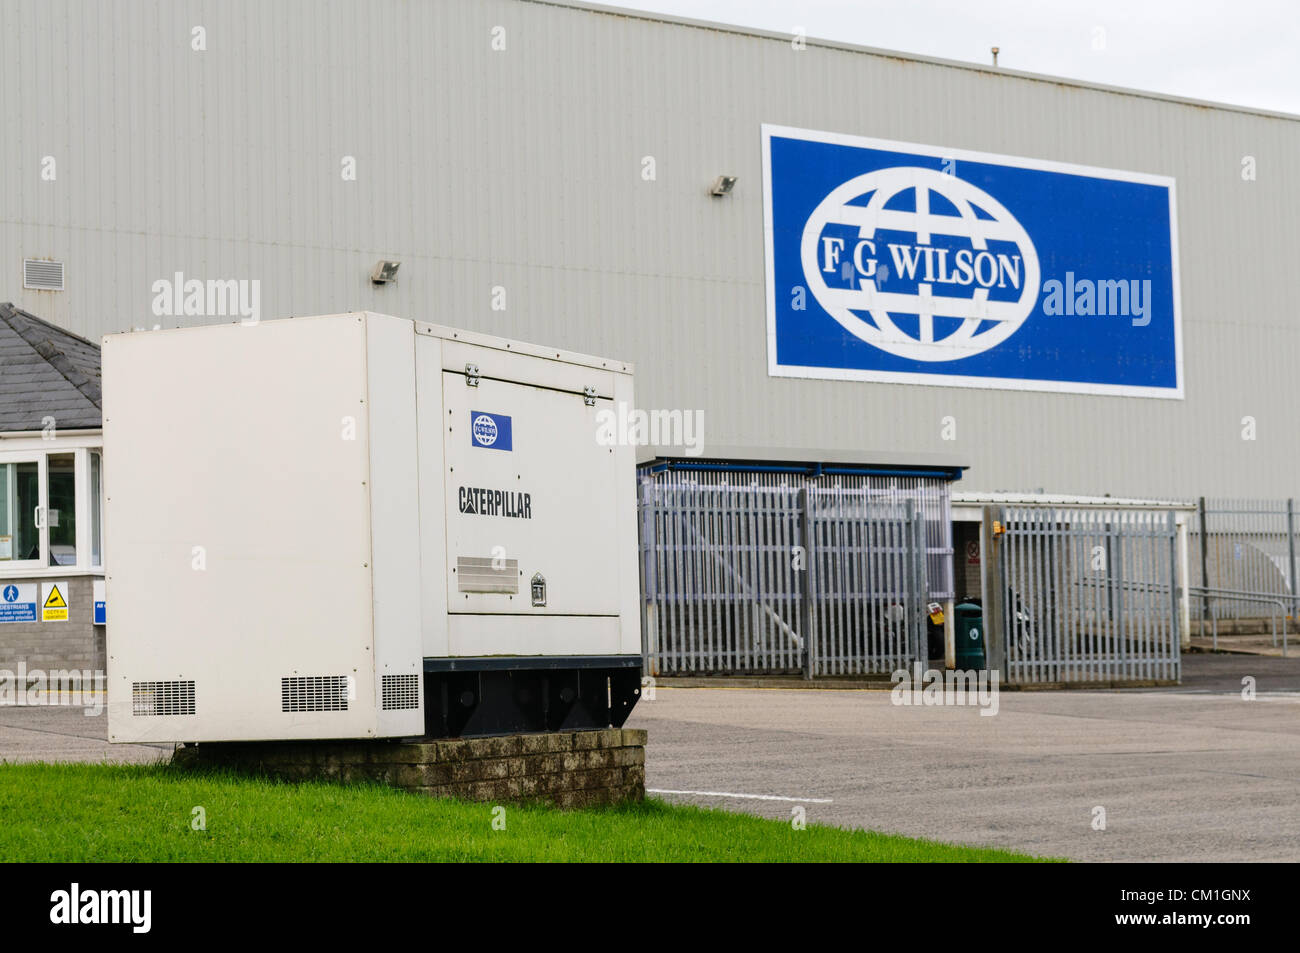 Northern Ireland, Belfast 14/09/2012 - FG Wilson, Northern Ireland's fourth biggest employer and manufacturer of Stock Photo